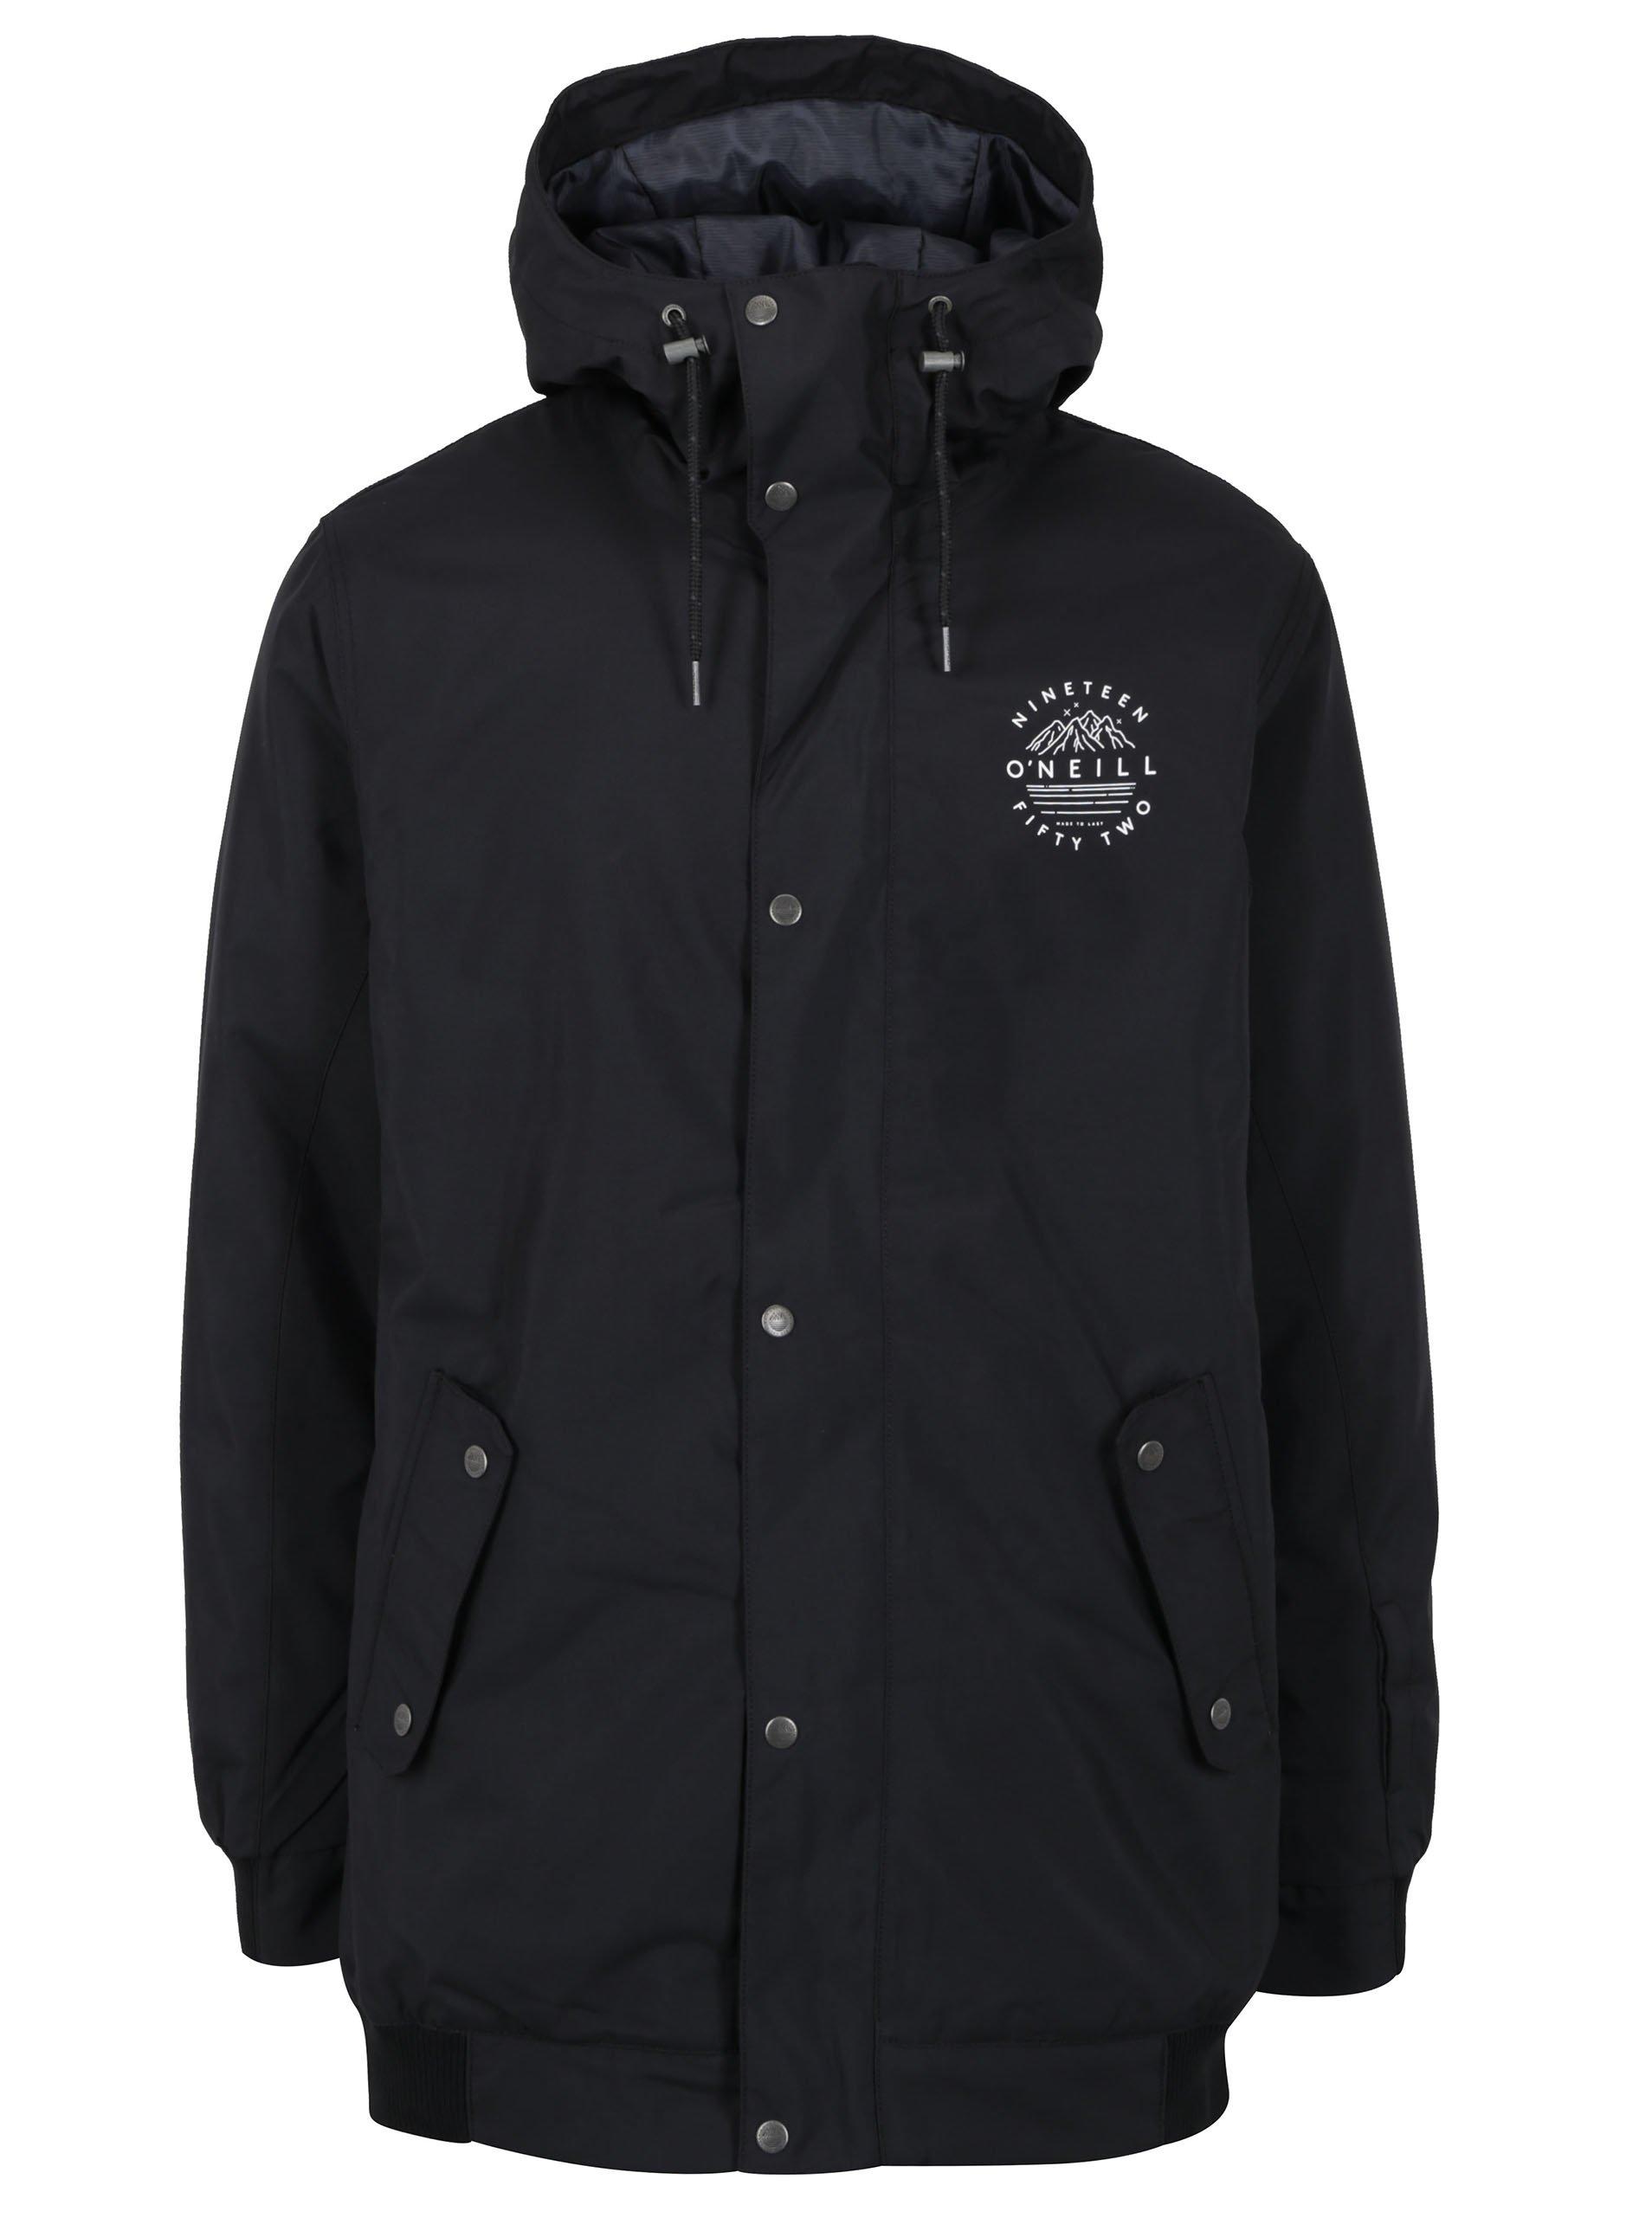 Čierna vodovzdorná funkčná bunda s potlačou na chrbte O'Neill